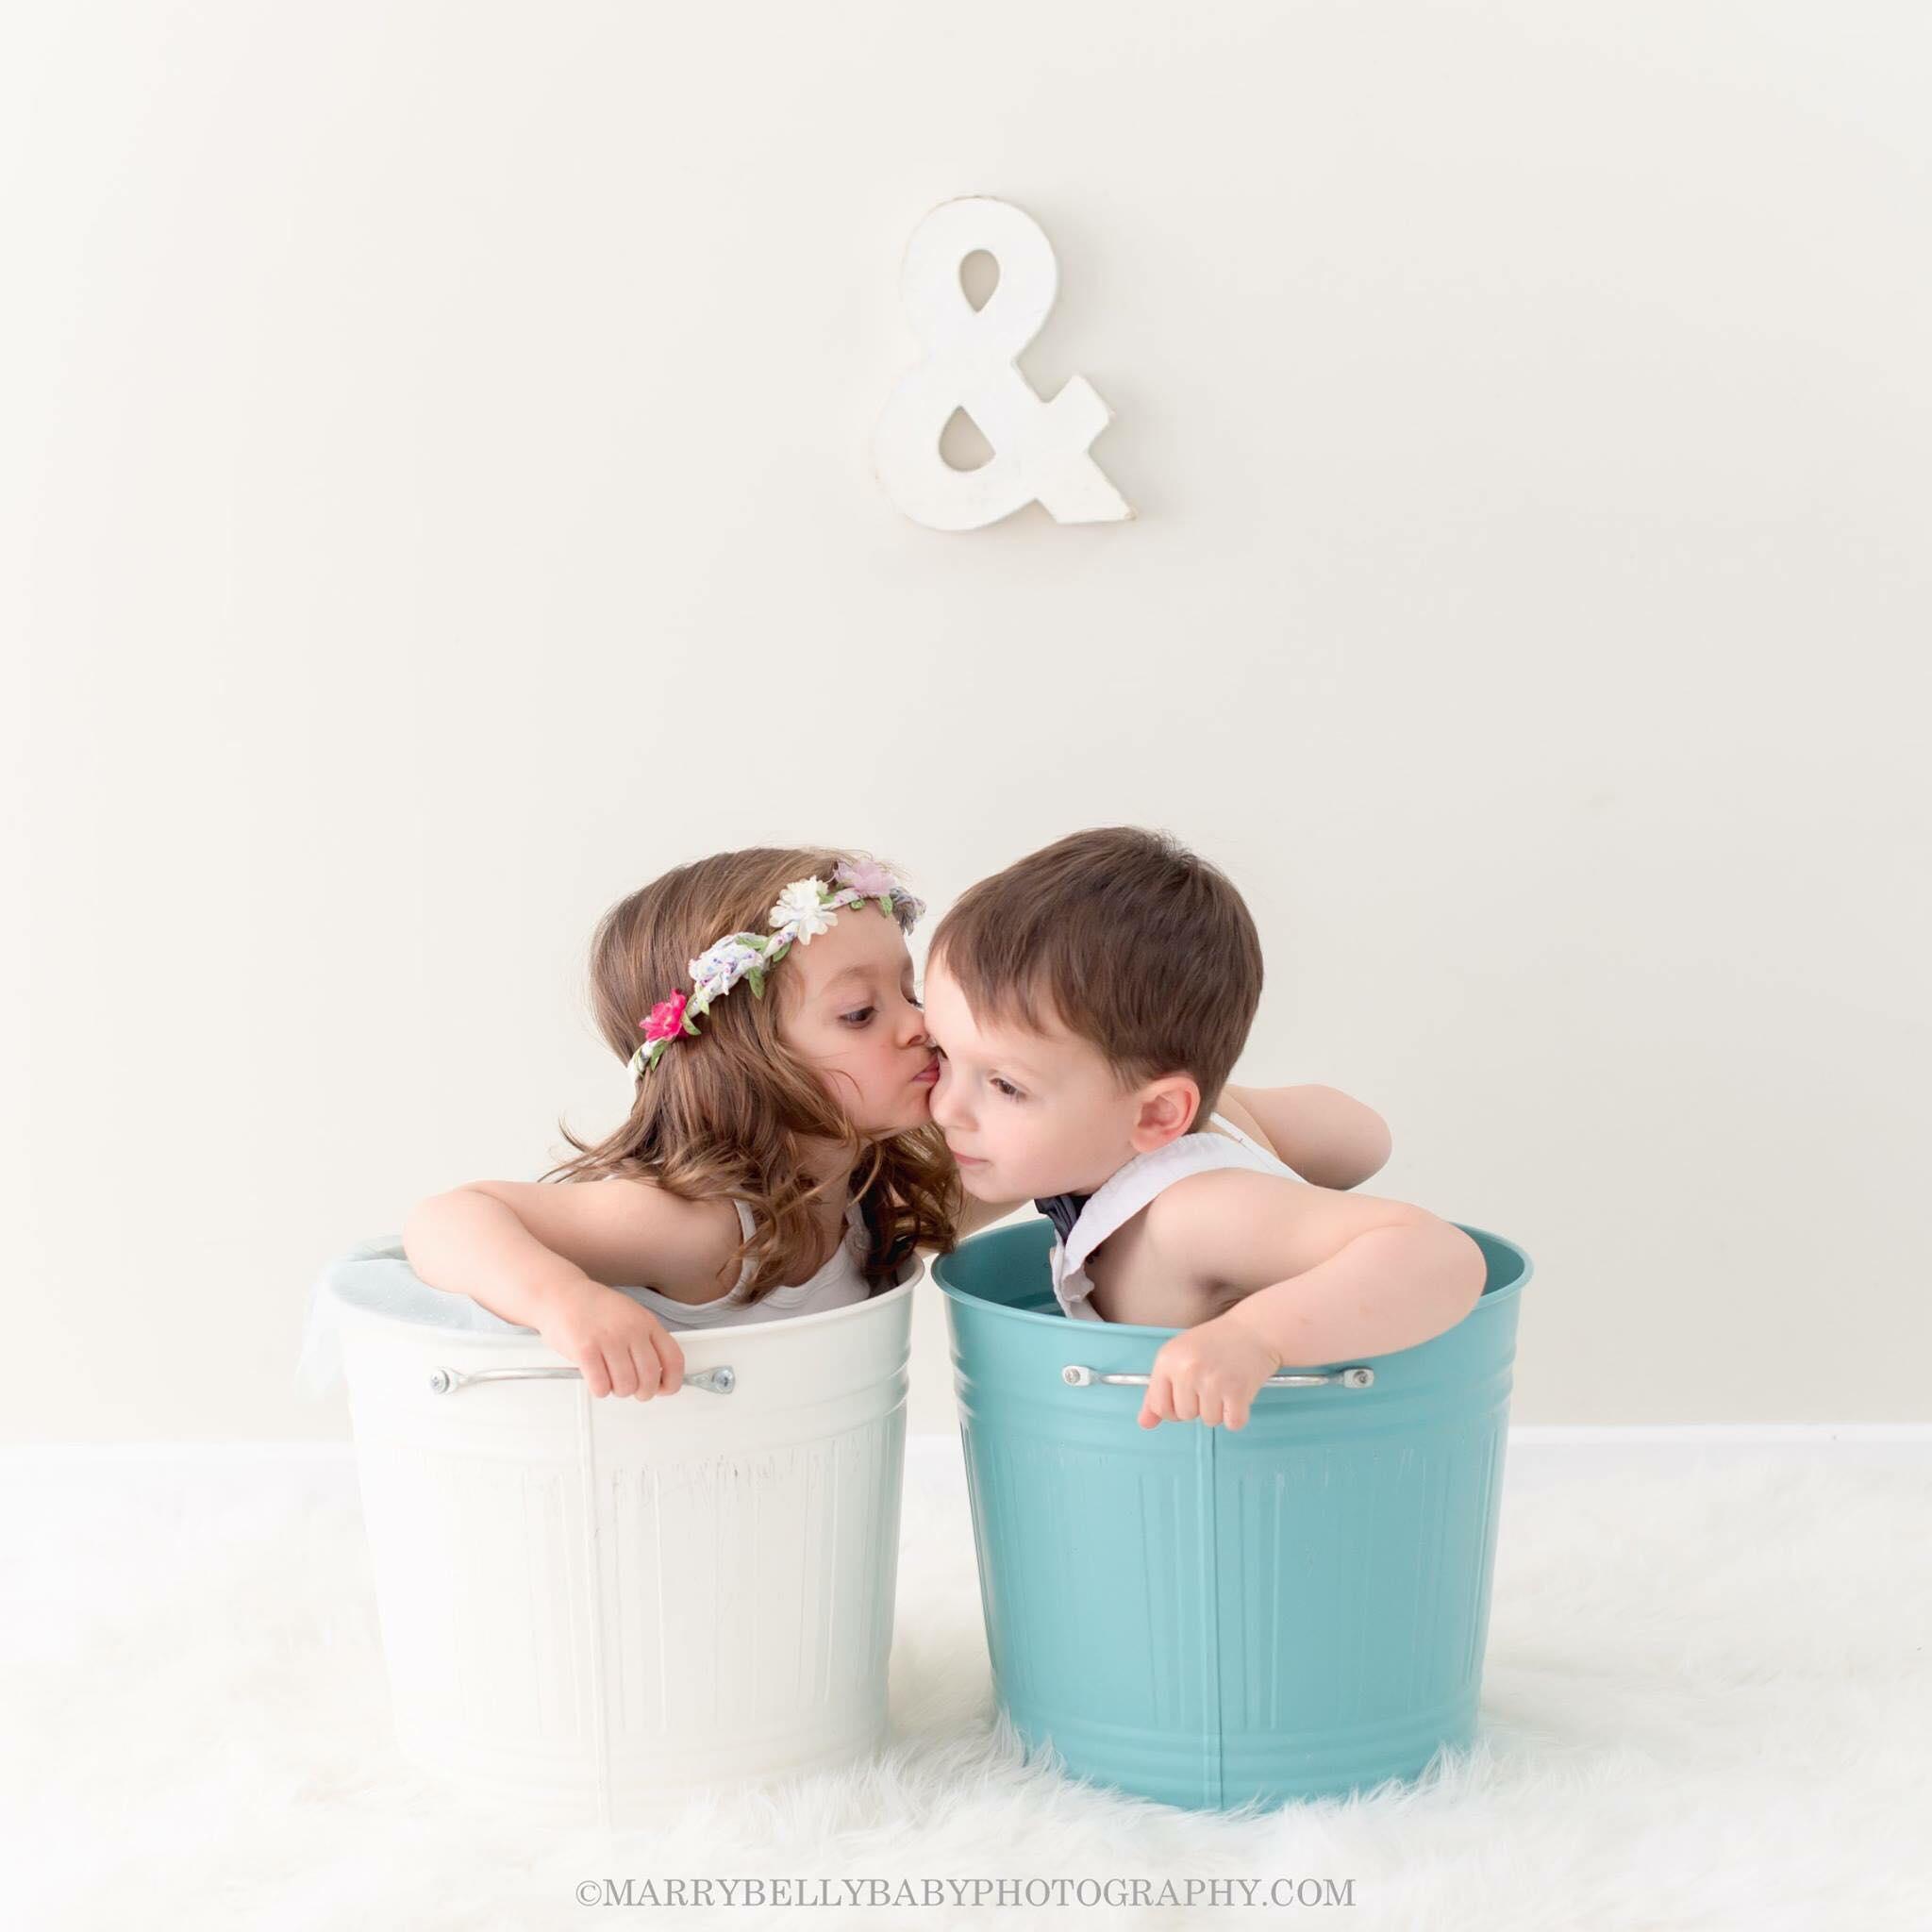 Marry Belly Baby Photography - Photographe enfant Rouen & Paris